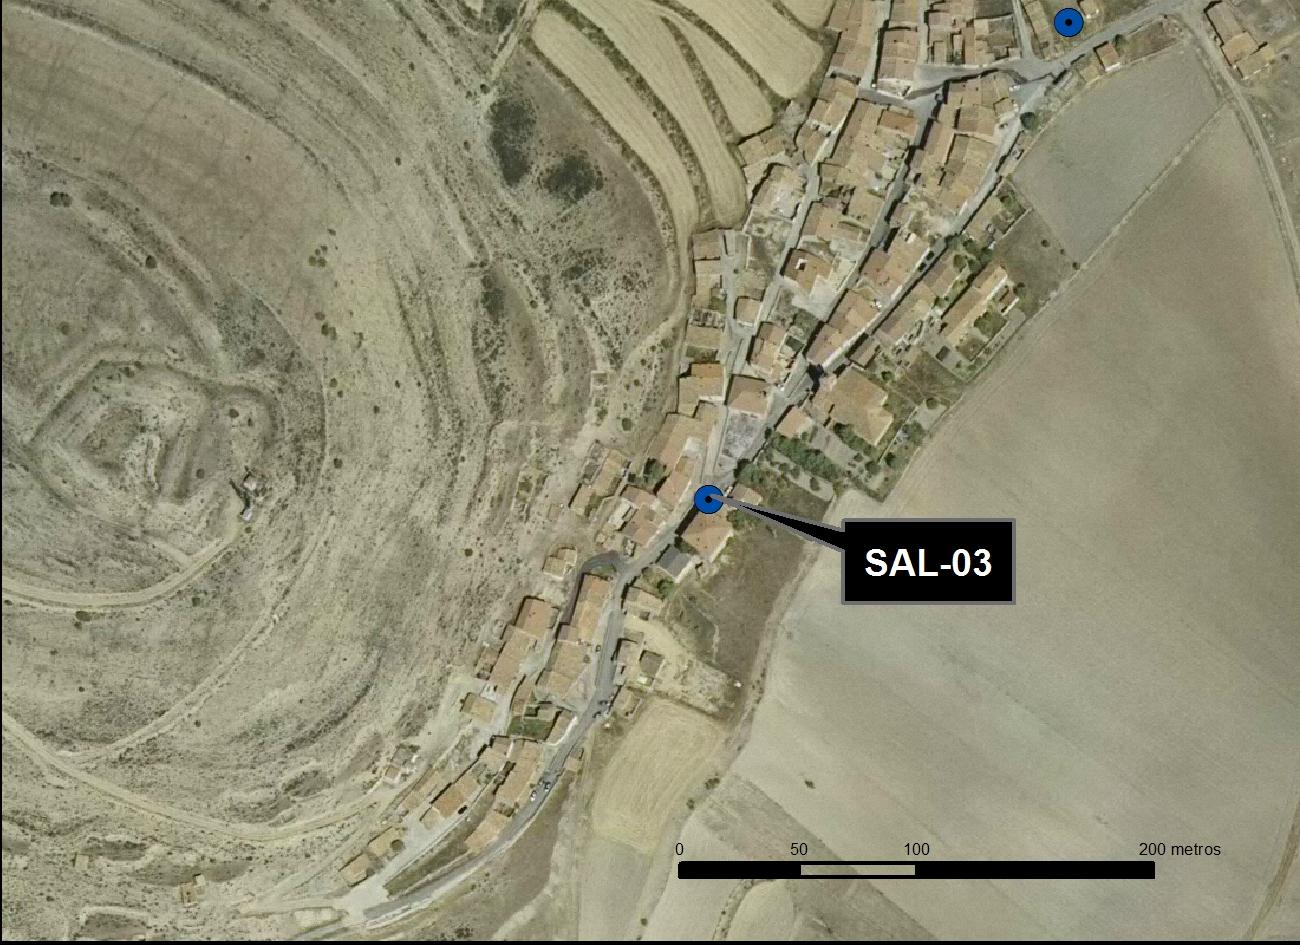 SAL_03_M.V.LOZANO_VIEJA_ORTO 1